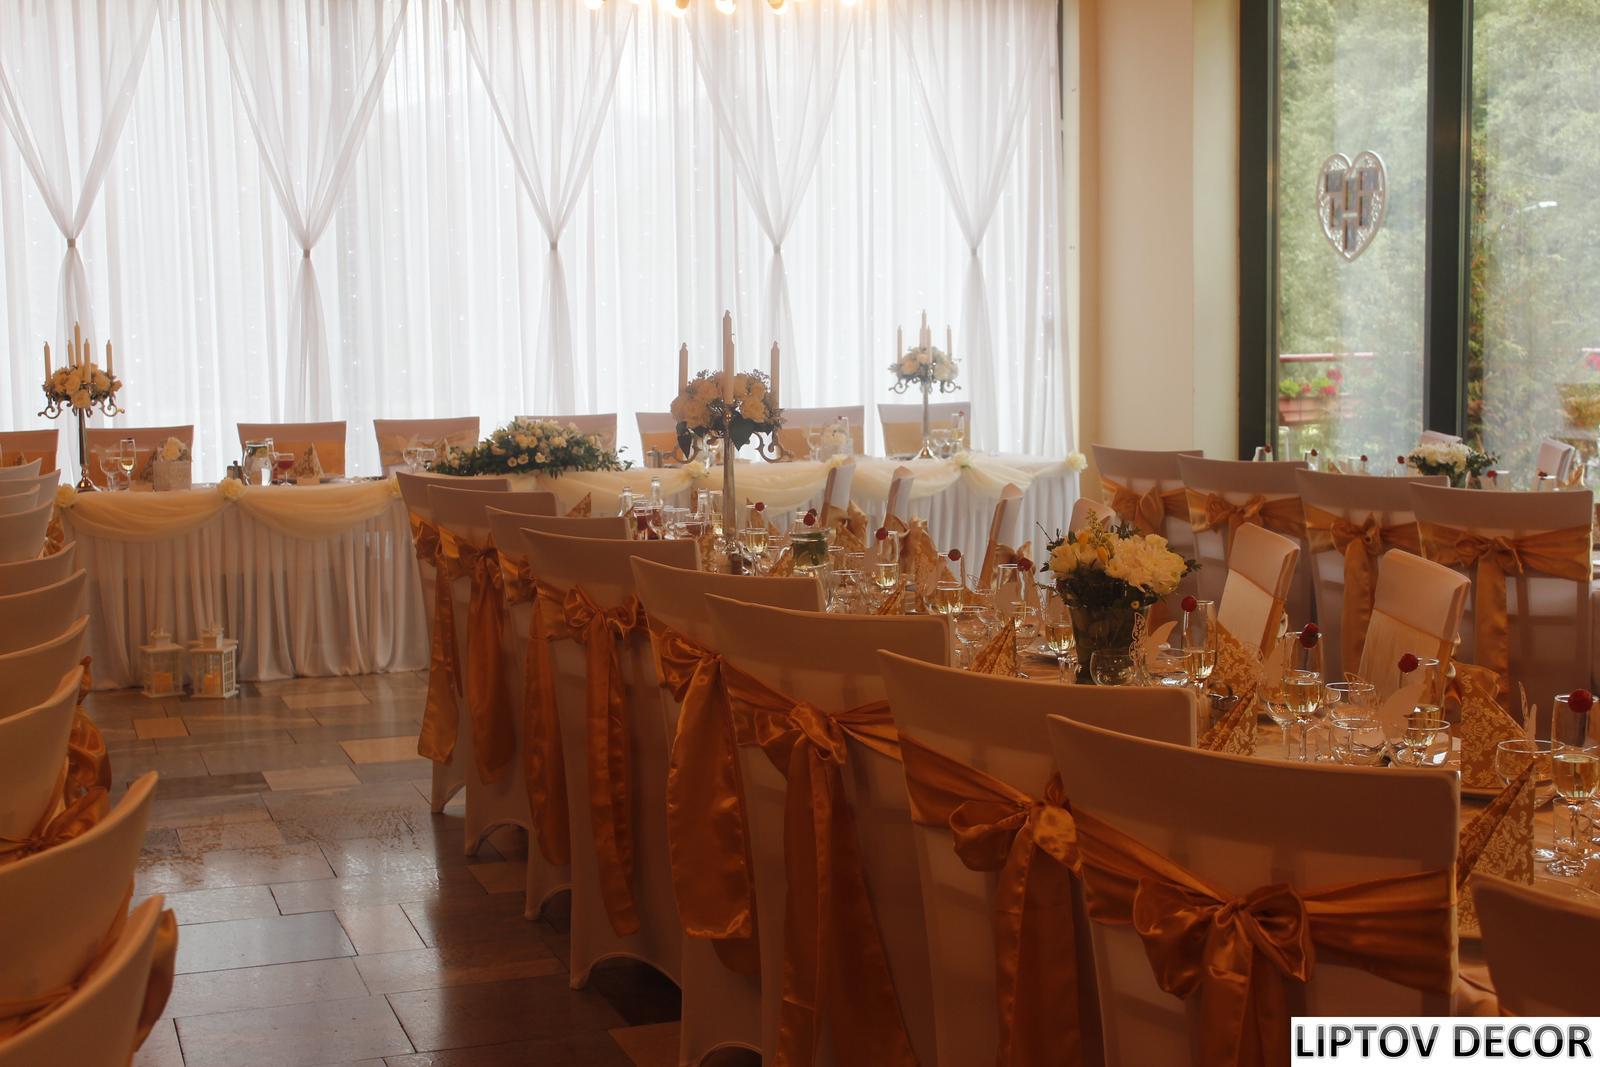 Svadobná výzdoba - HOTEL HRABOVO RUŽOMBEROK - Obrázok č. 19